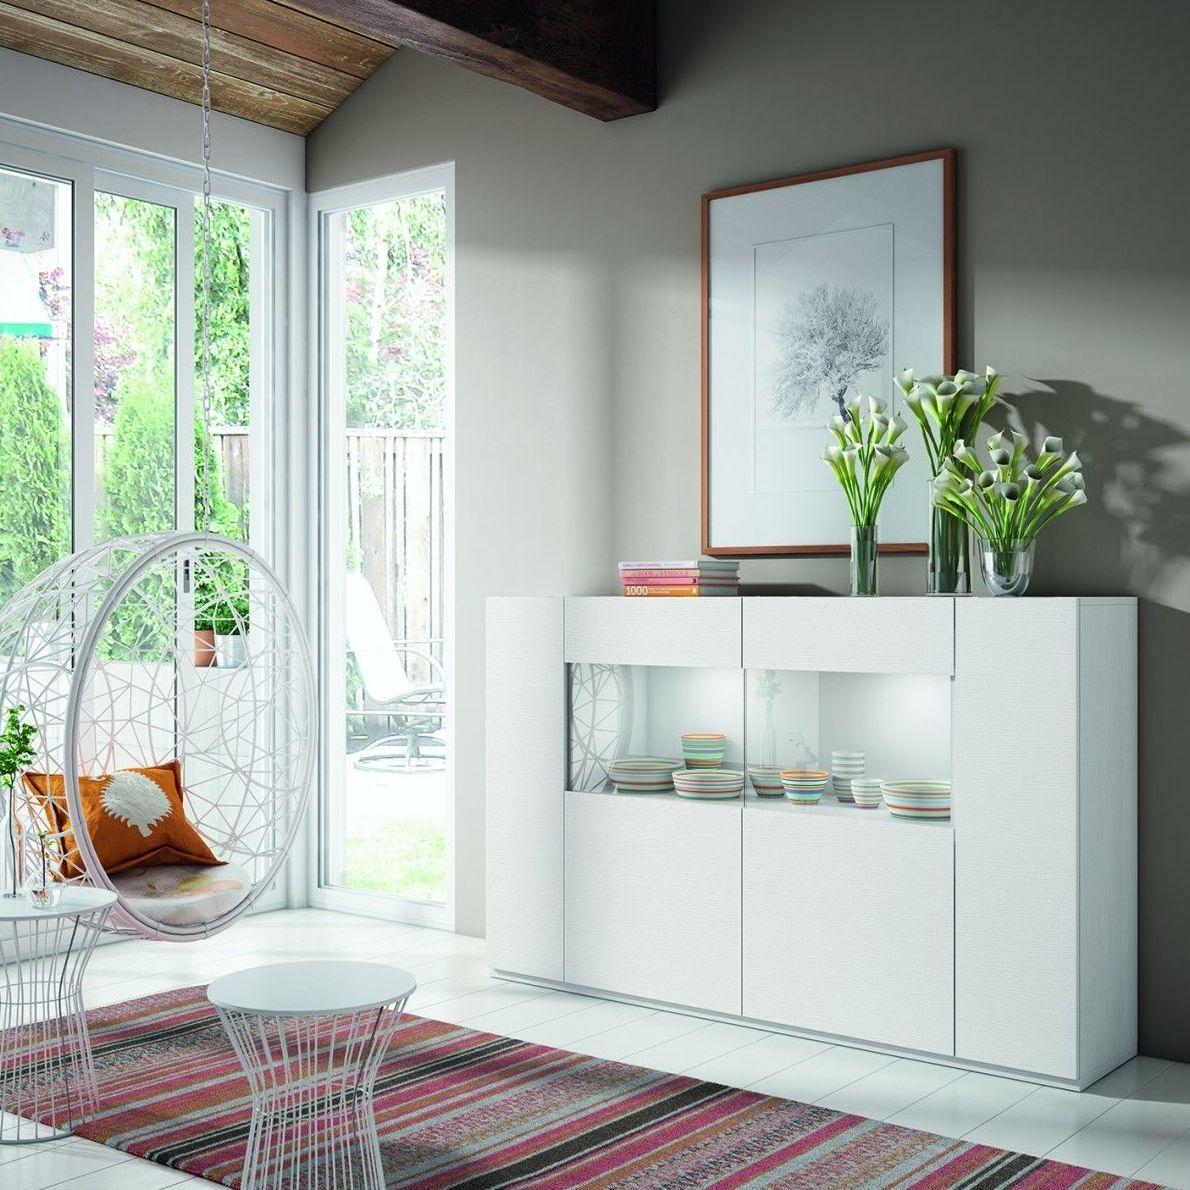 Foto 22 de Muebles y decoración en València | ilumueble